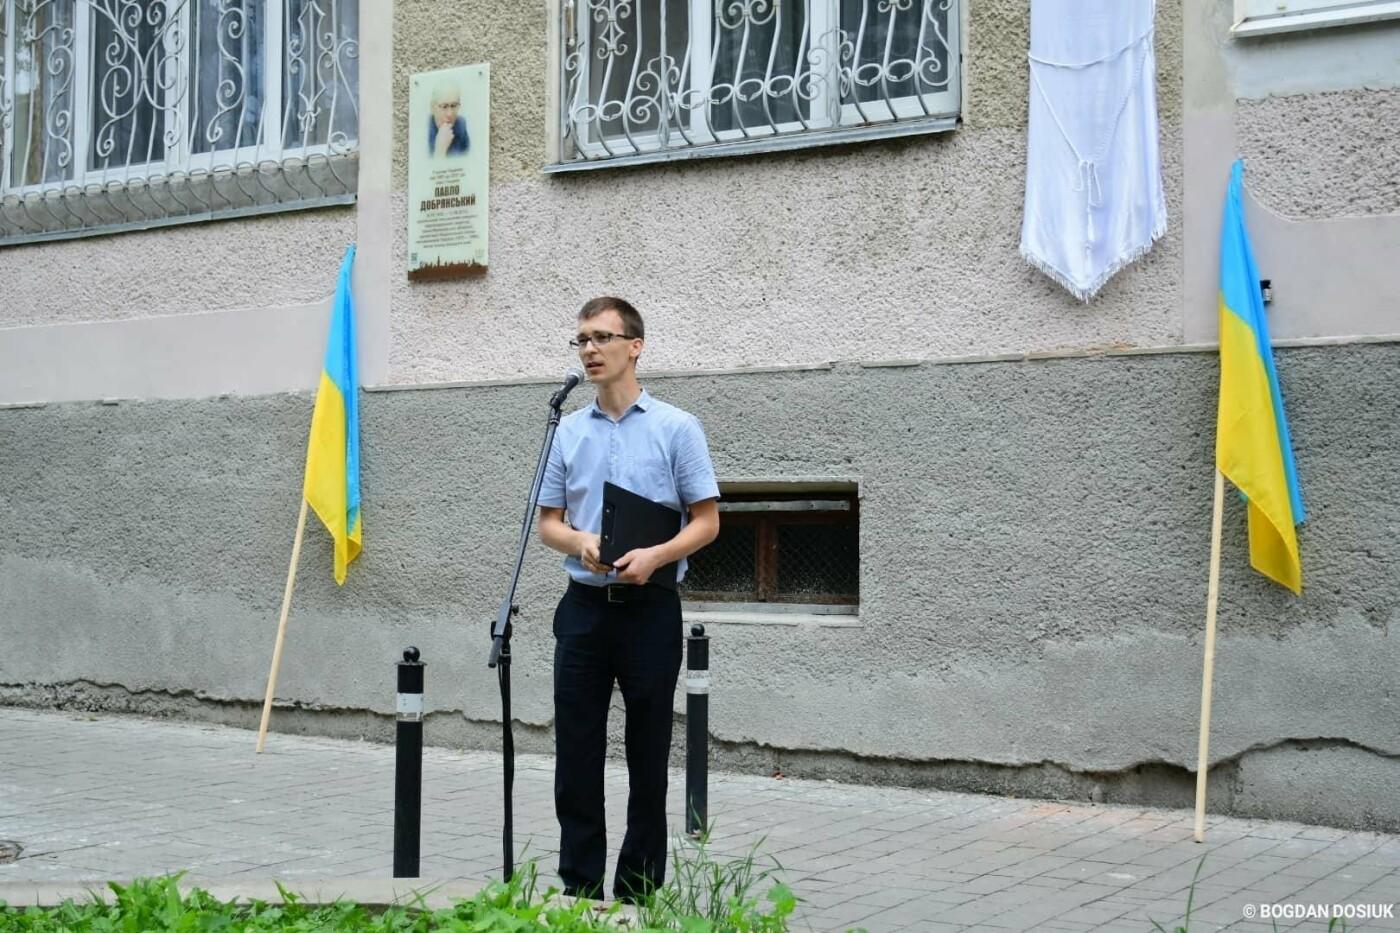 Відомому письменнику та редактору у Франківську відкрили анотаційну дошку. ФОТО, фото-4